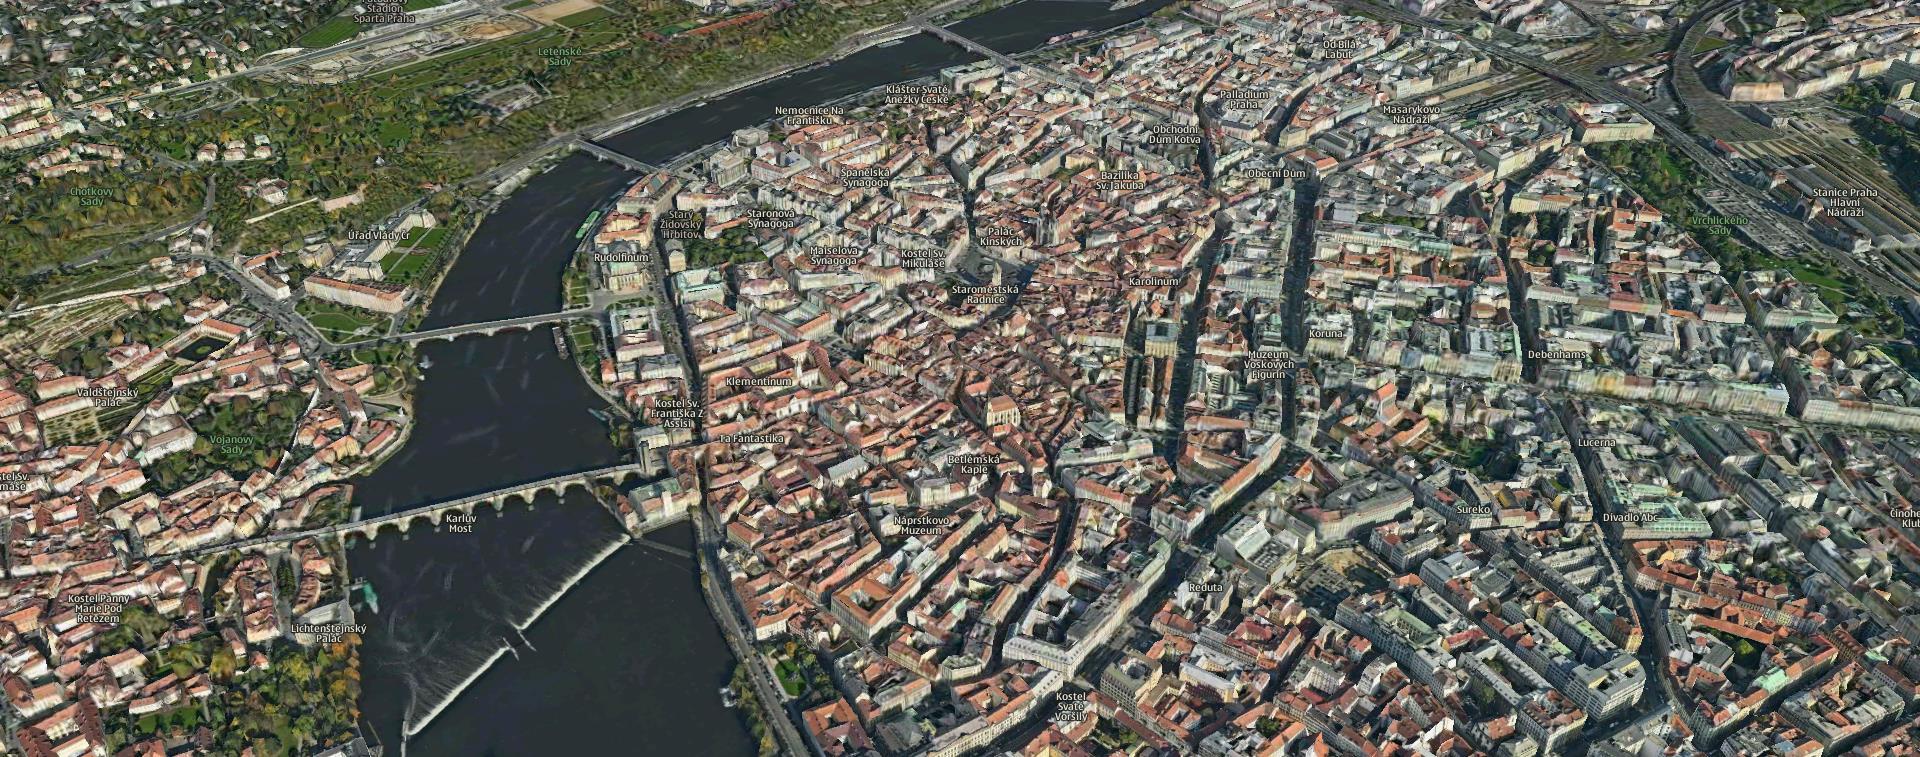 8e97a922089 Praha sprístupnila svoje geodáta - mapy